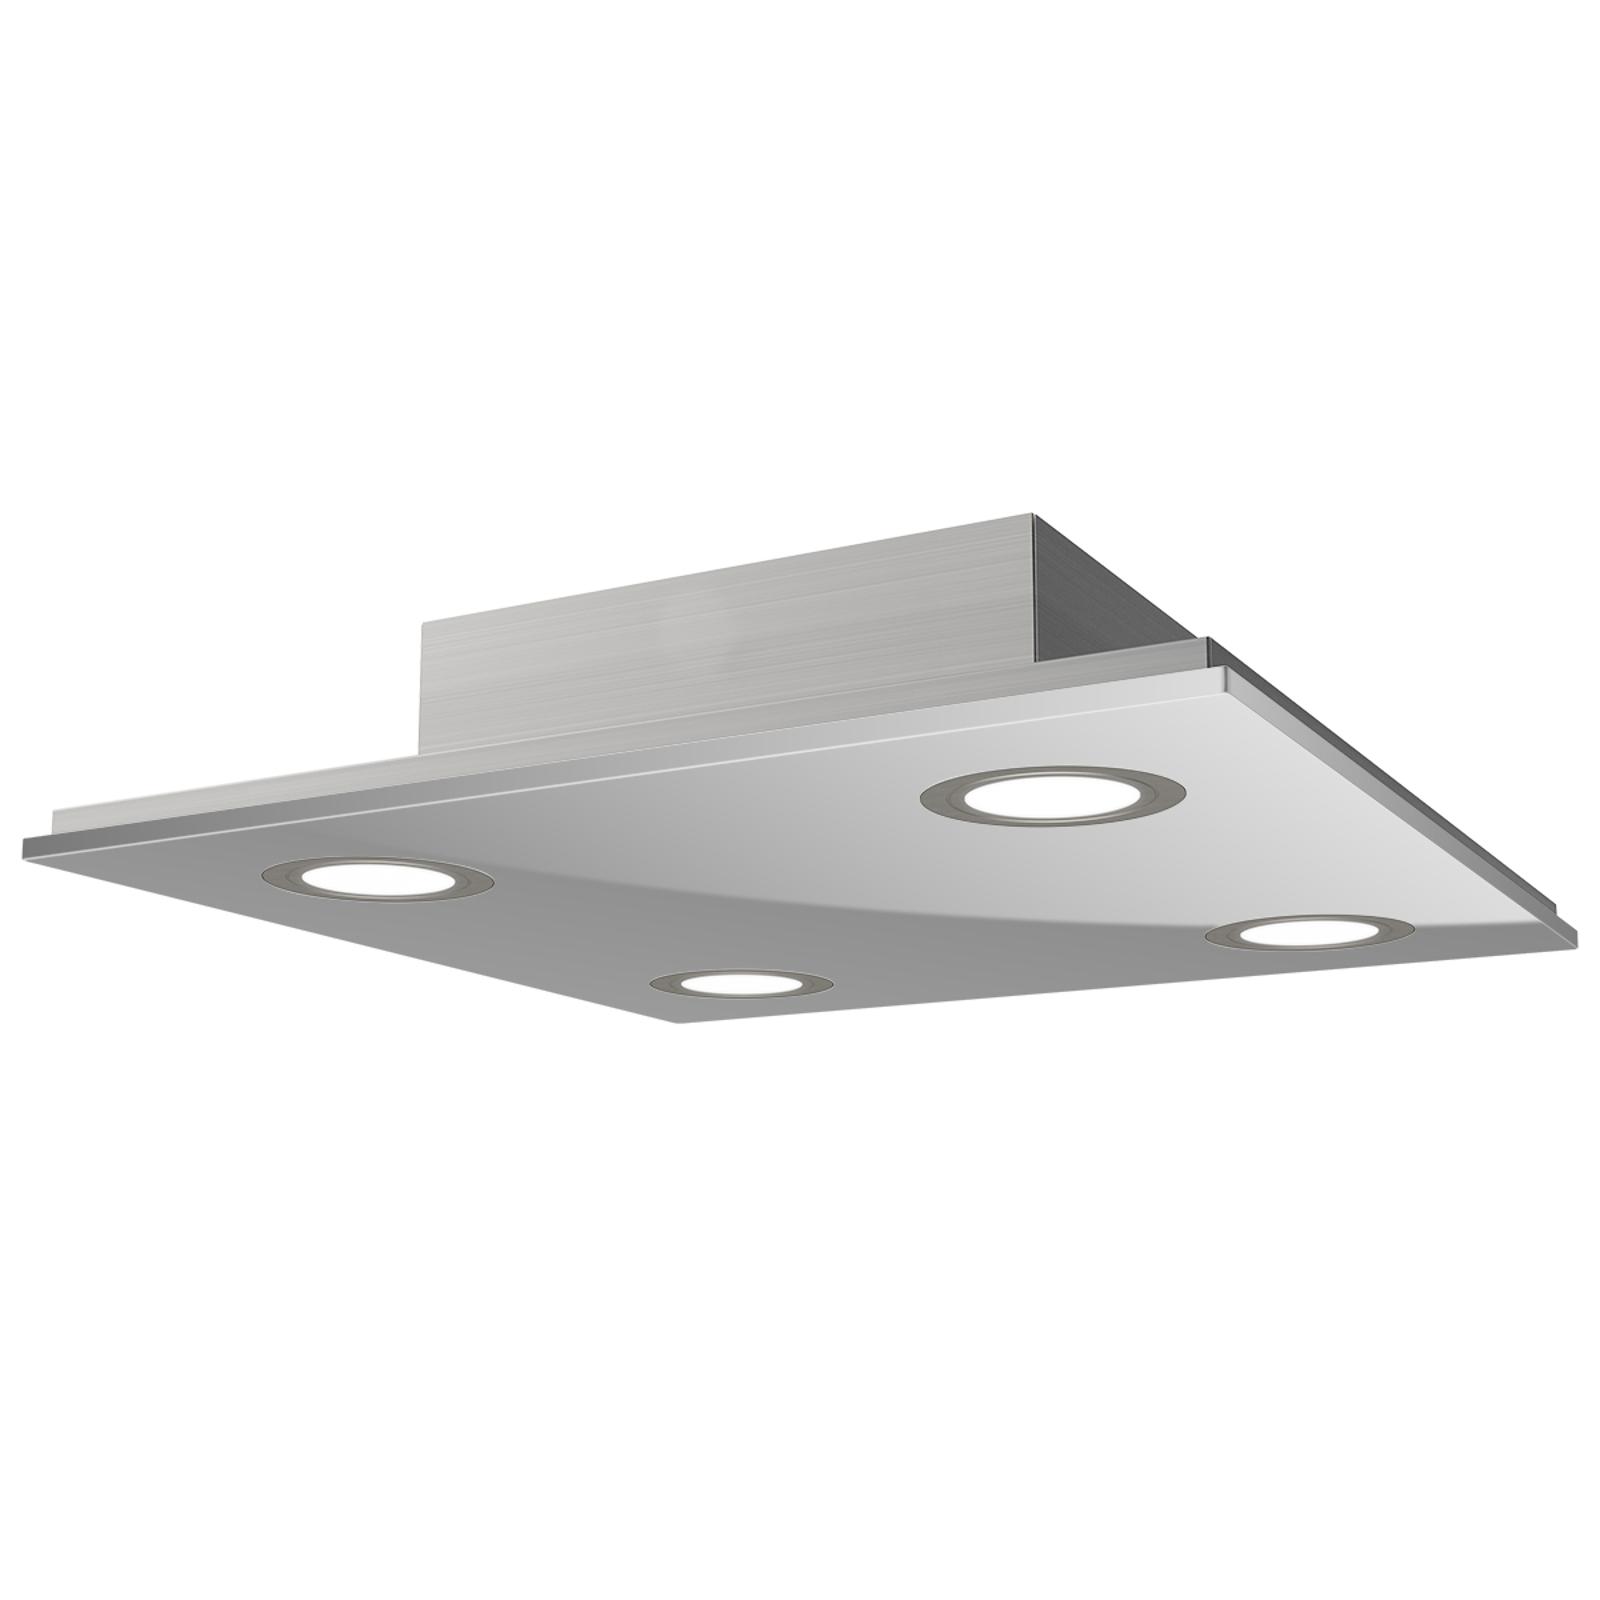 Kvadratisk LED-taklampe Pano, metallic